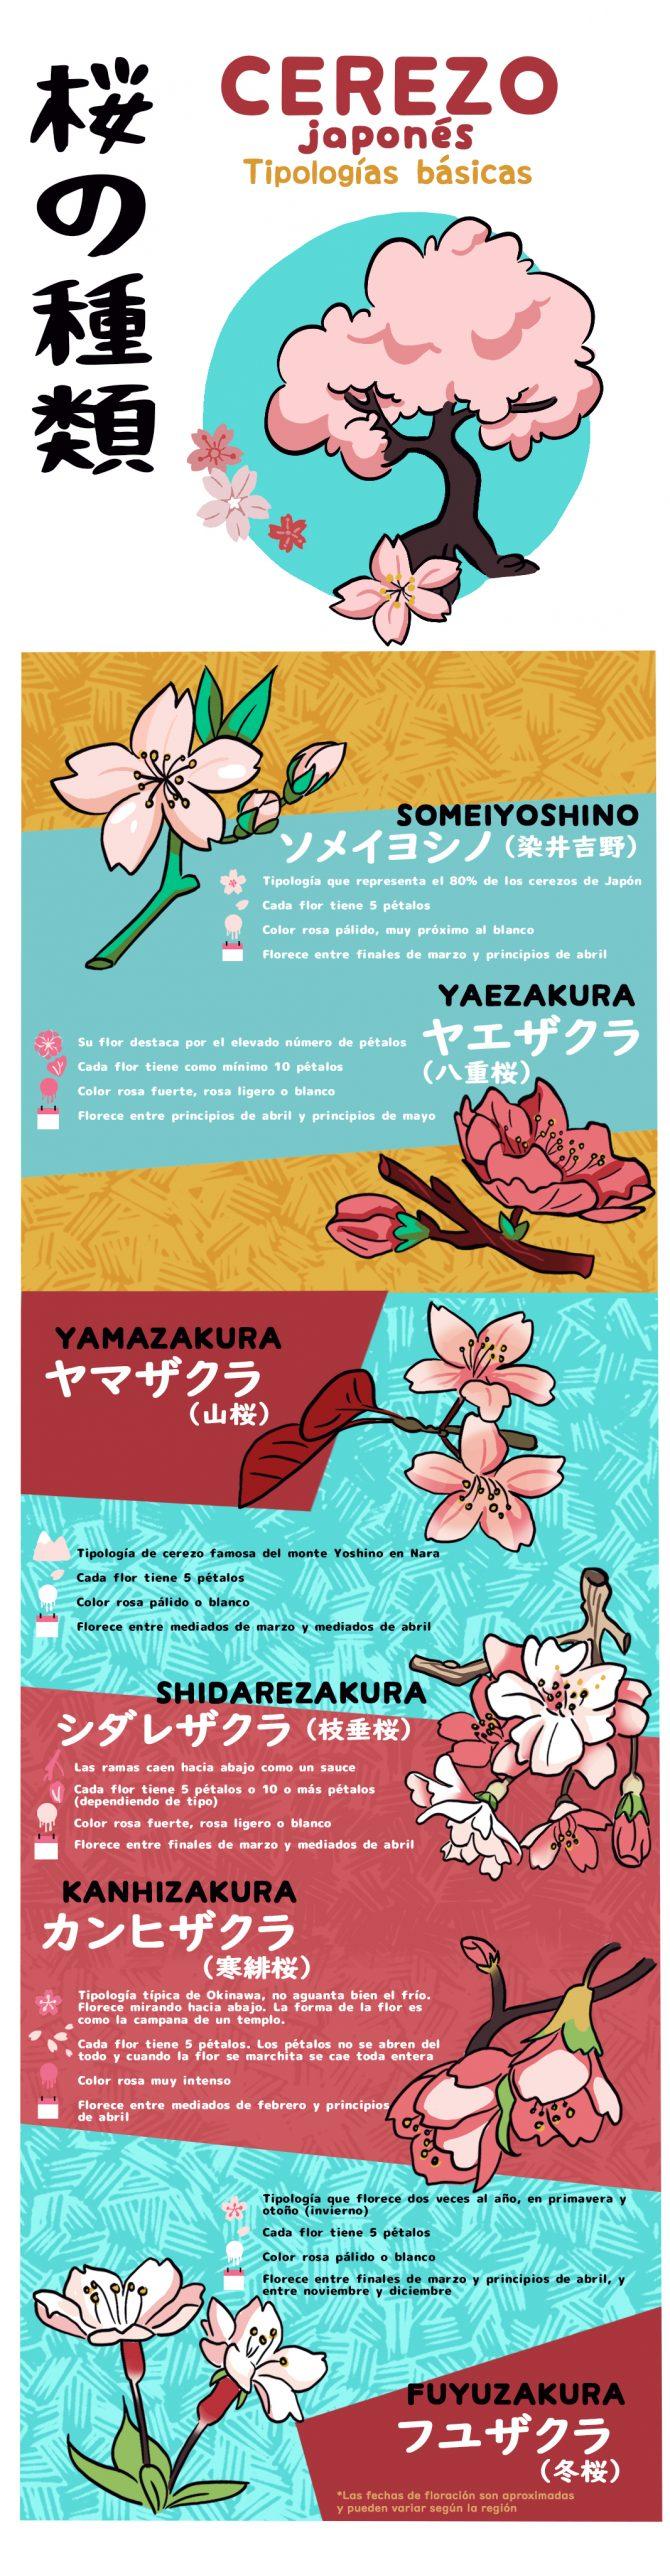 tipologías de cerezo japonés